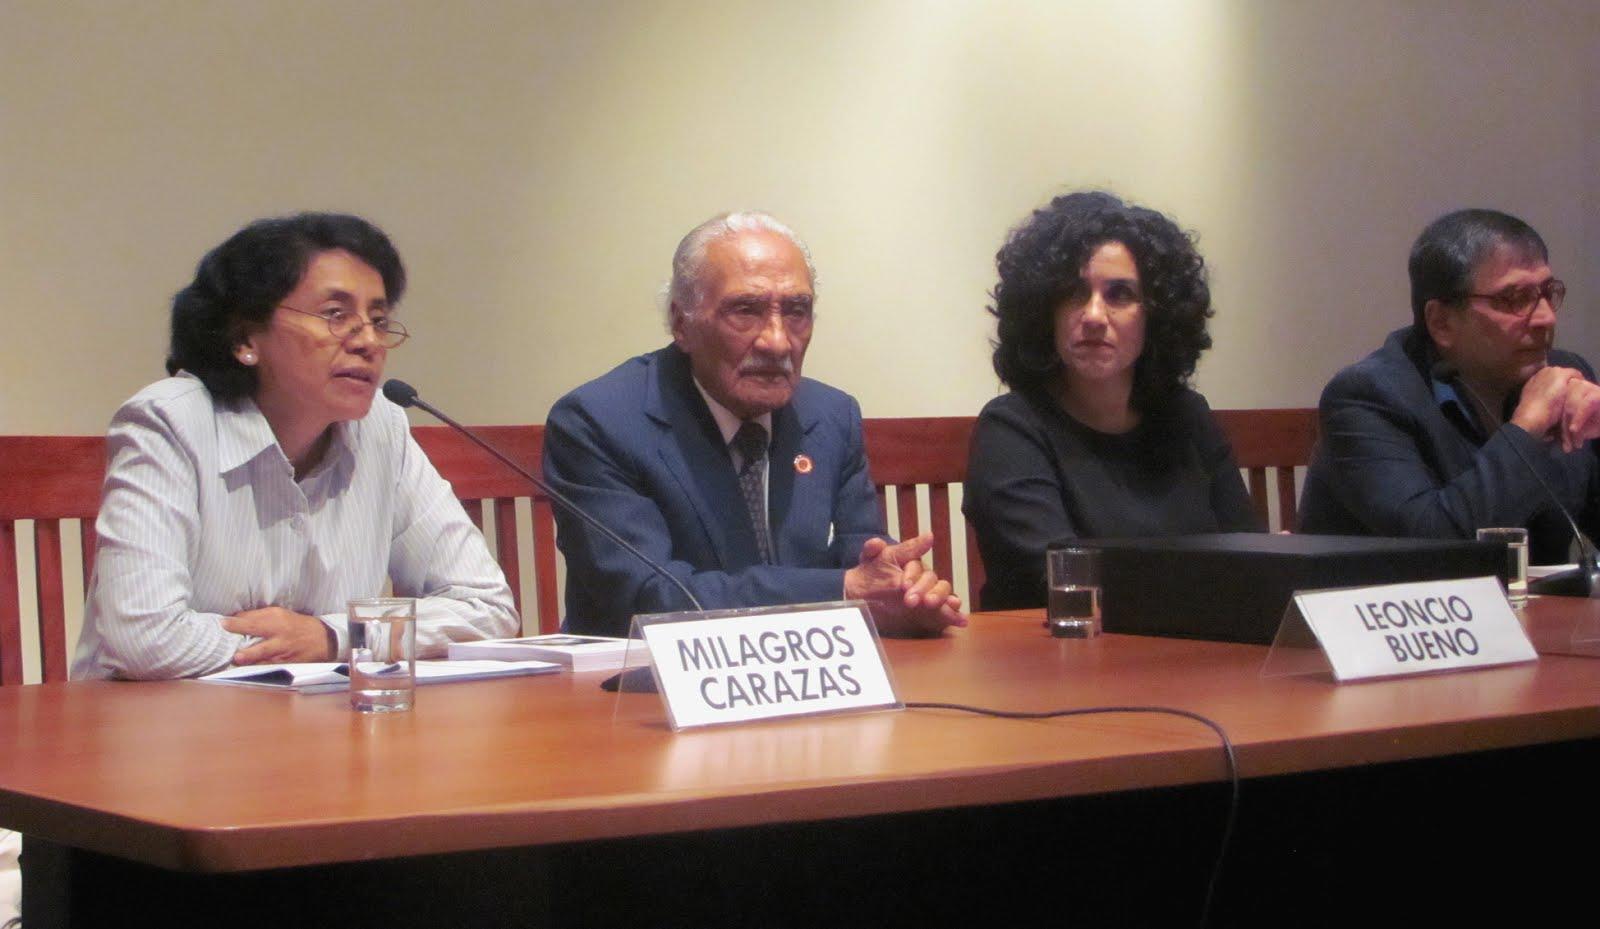 Premiación al poeta Leoncio Bueno